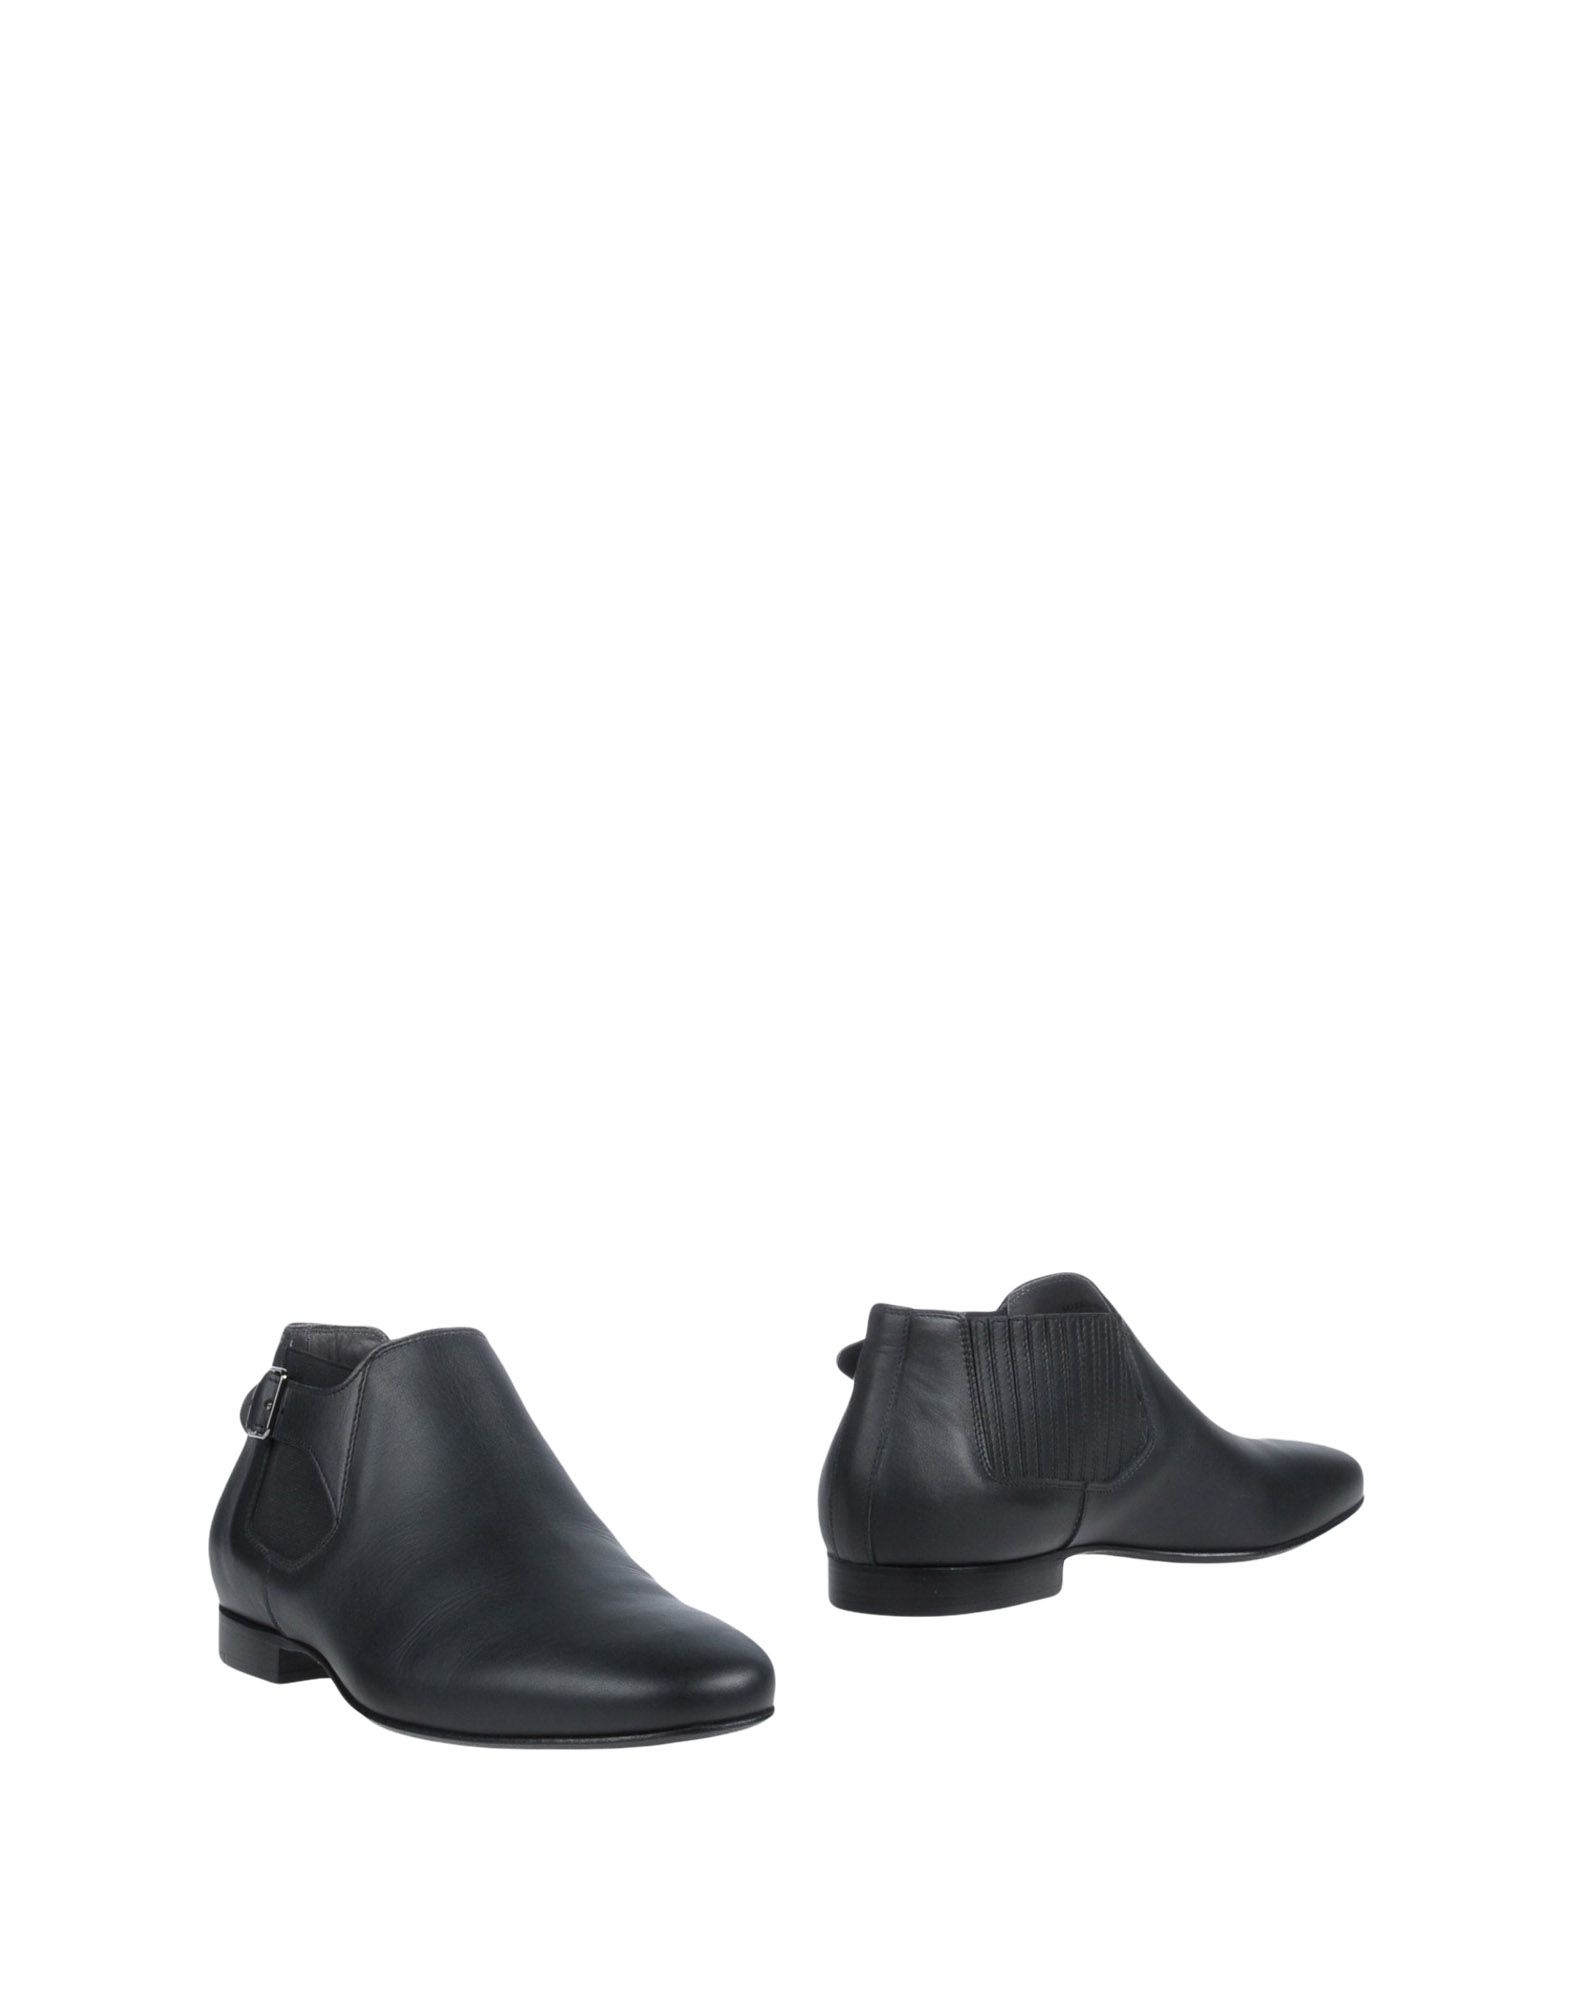 Lanvin Stiefelette Herren  11505740QN Gute Qualität beliebte Schuhe